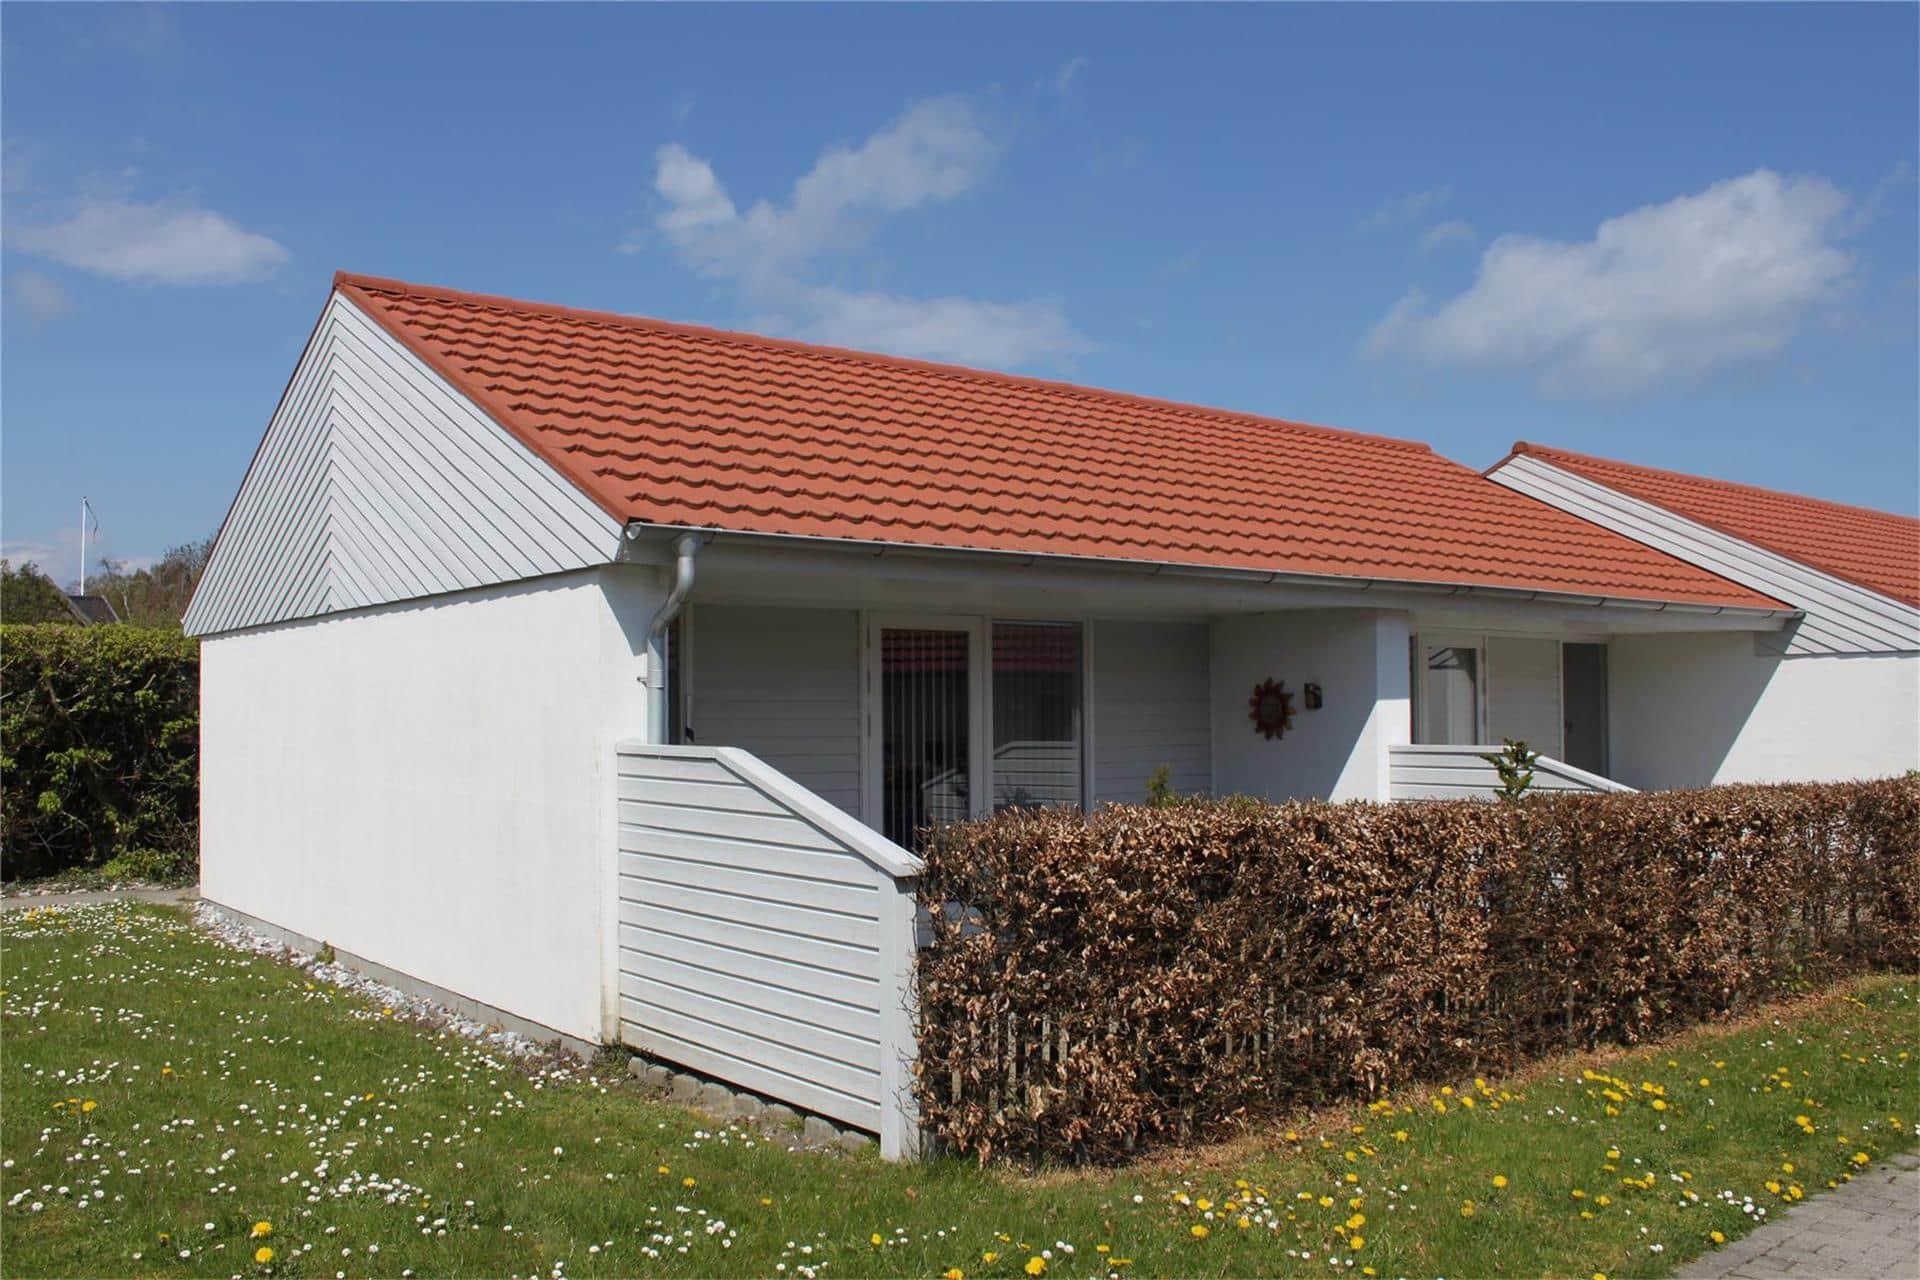 Billede 1-3 Sommerhus M70264, Violstræde 16, DK - 5970 Ærøskøbing